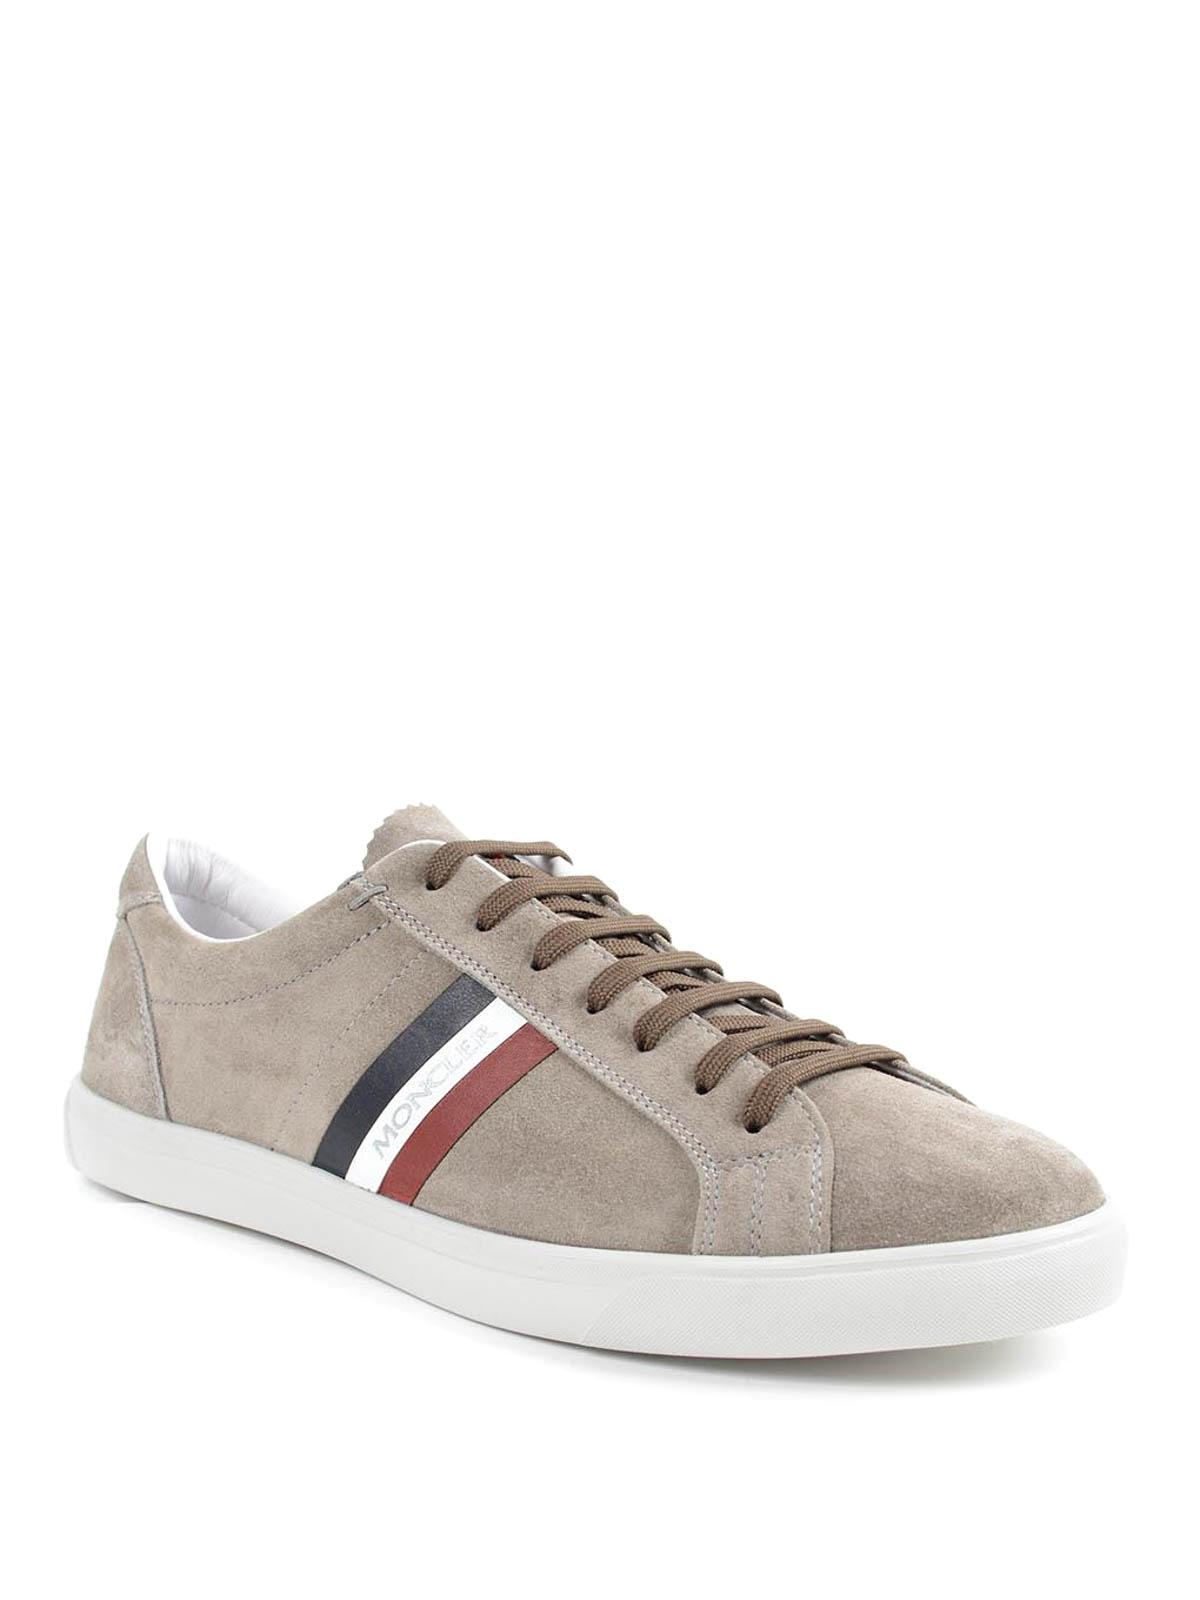 Moncler - La Monaco suede sneakers